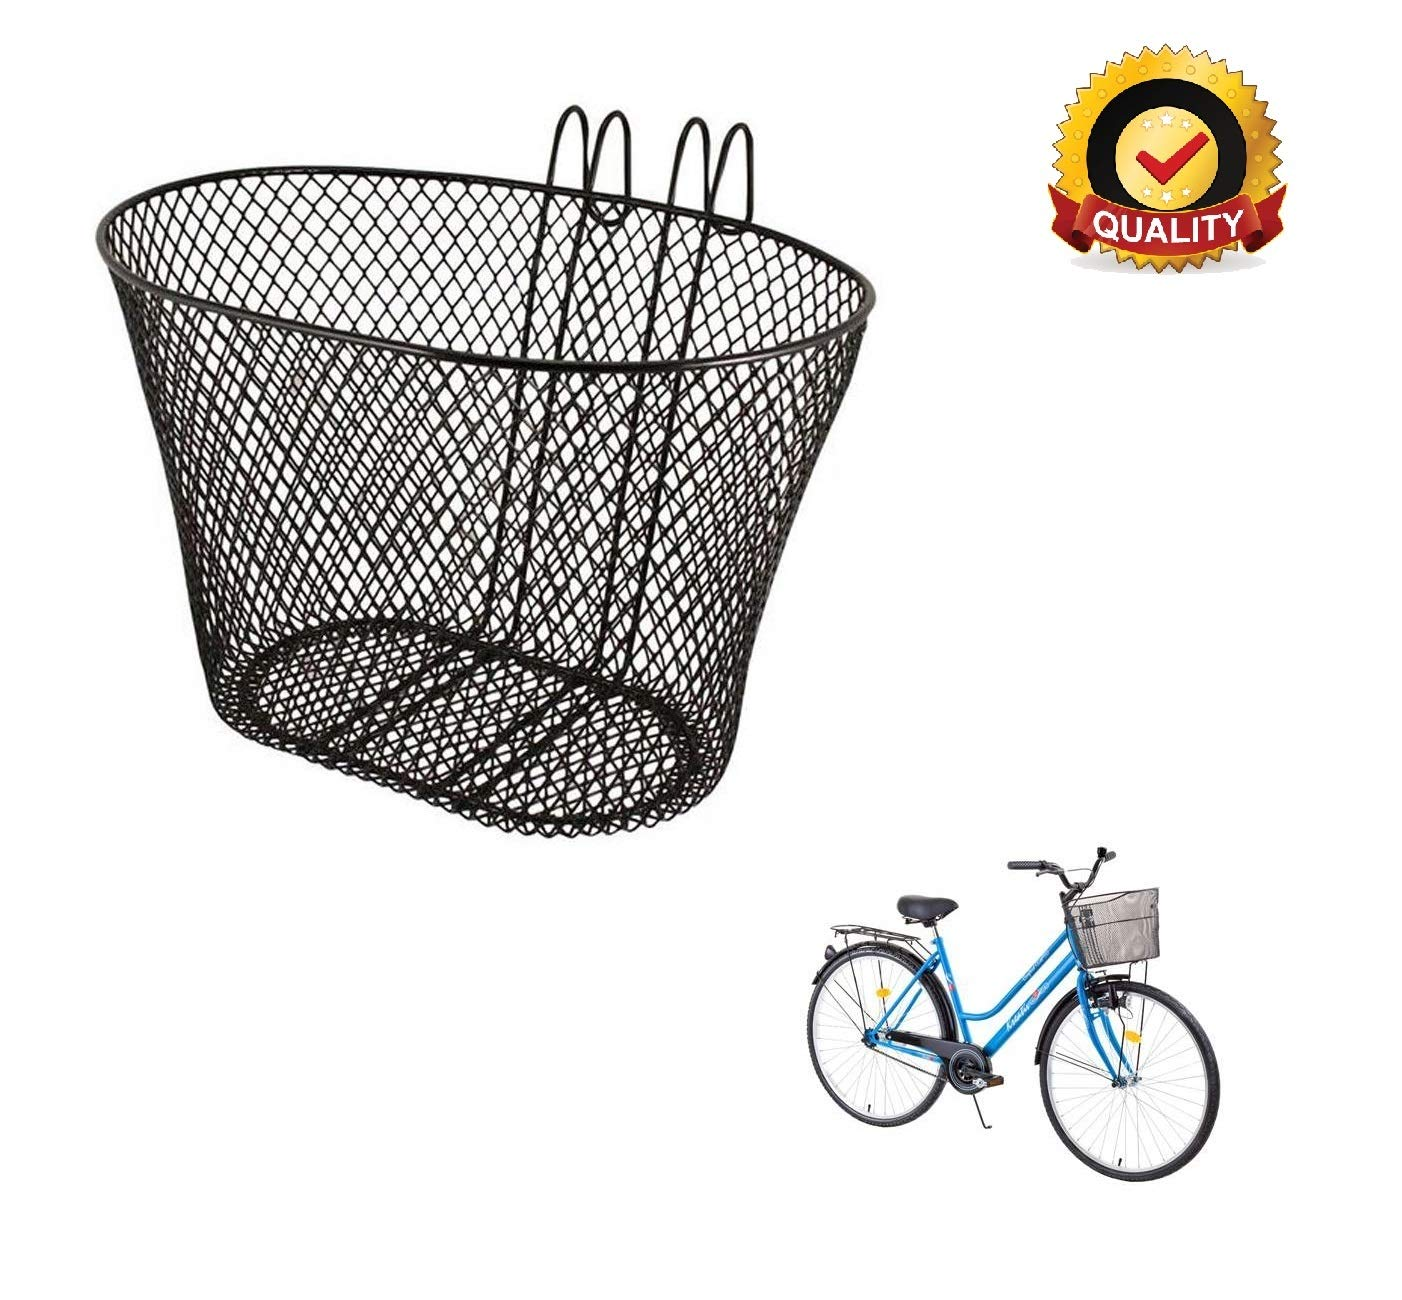 Ducomi® Panier Vélo Avant pour Adultes, Enfants et Chien pour Guidon - 31 x  19 x 18,5 cm - Panier Universel en Métal Anti-Rouille - Idéal pour Vélo ... 24bad53c5f0